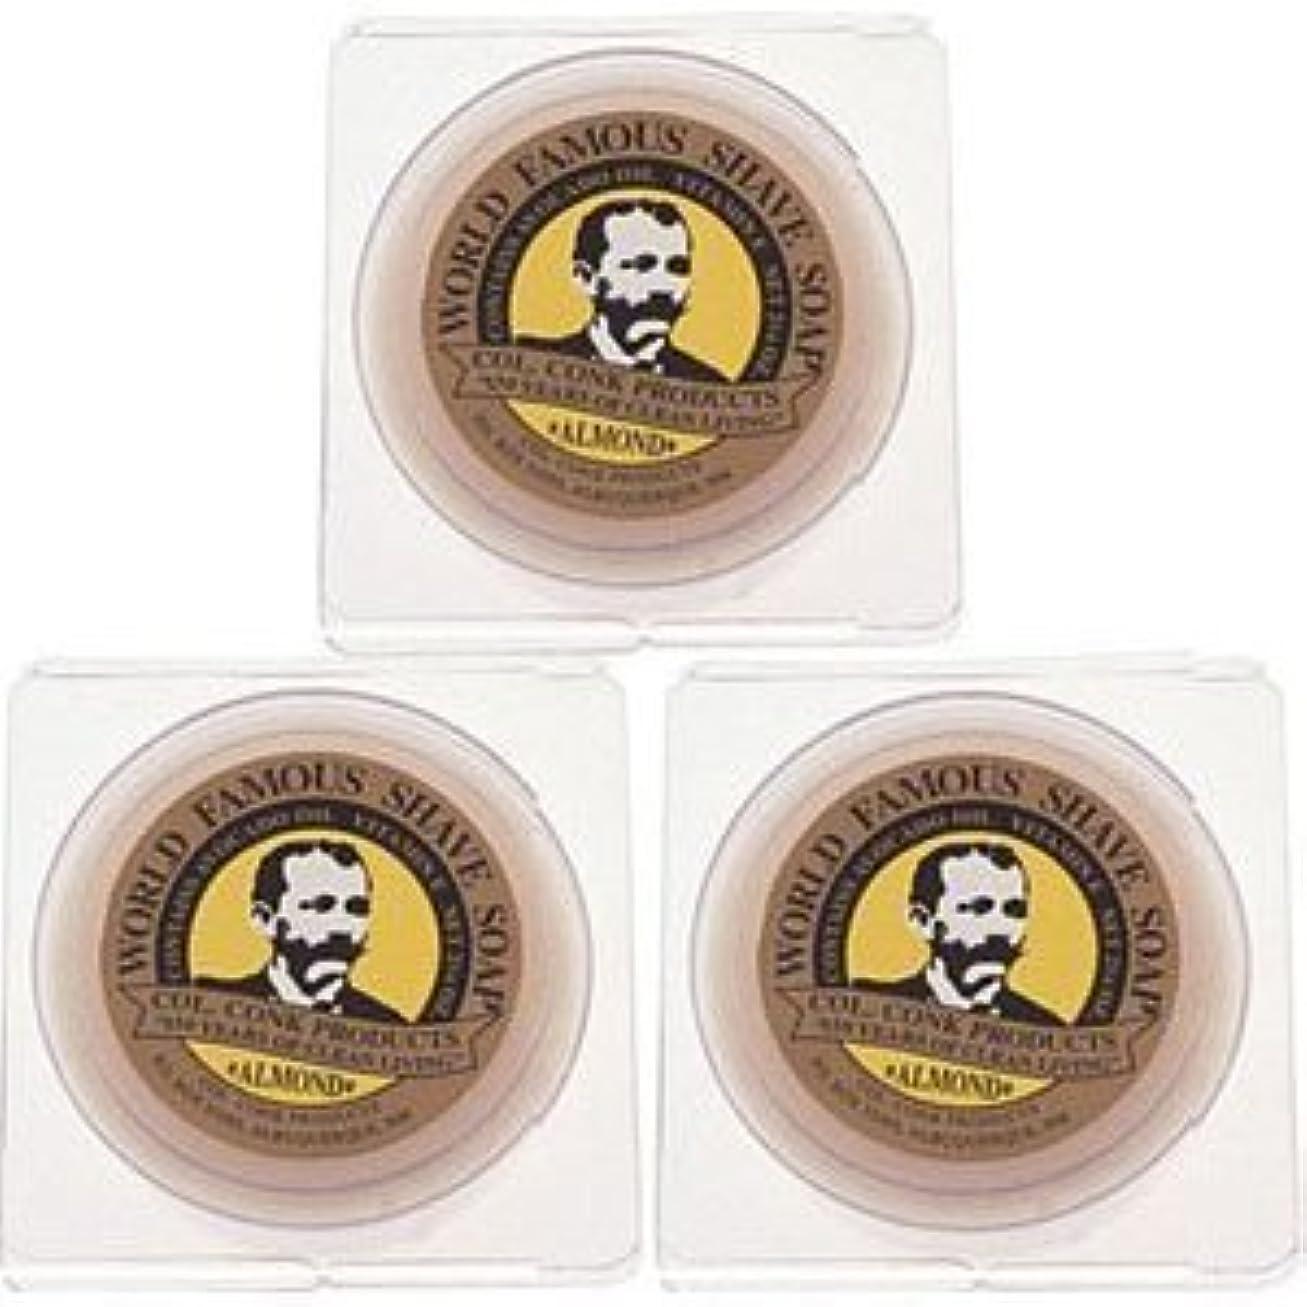 アサート正直コンプリートCol. Conk World's Famous Shaving Soap Almond * 3 - Pack * Each Net Weight 2.25 Oz by Colonel Conk [並行輸入品]